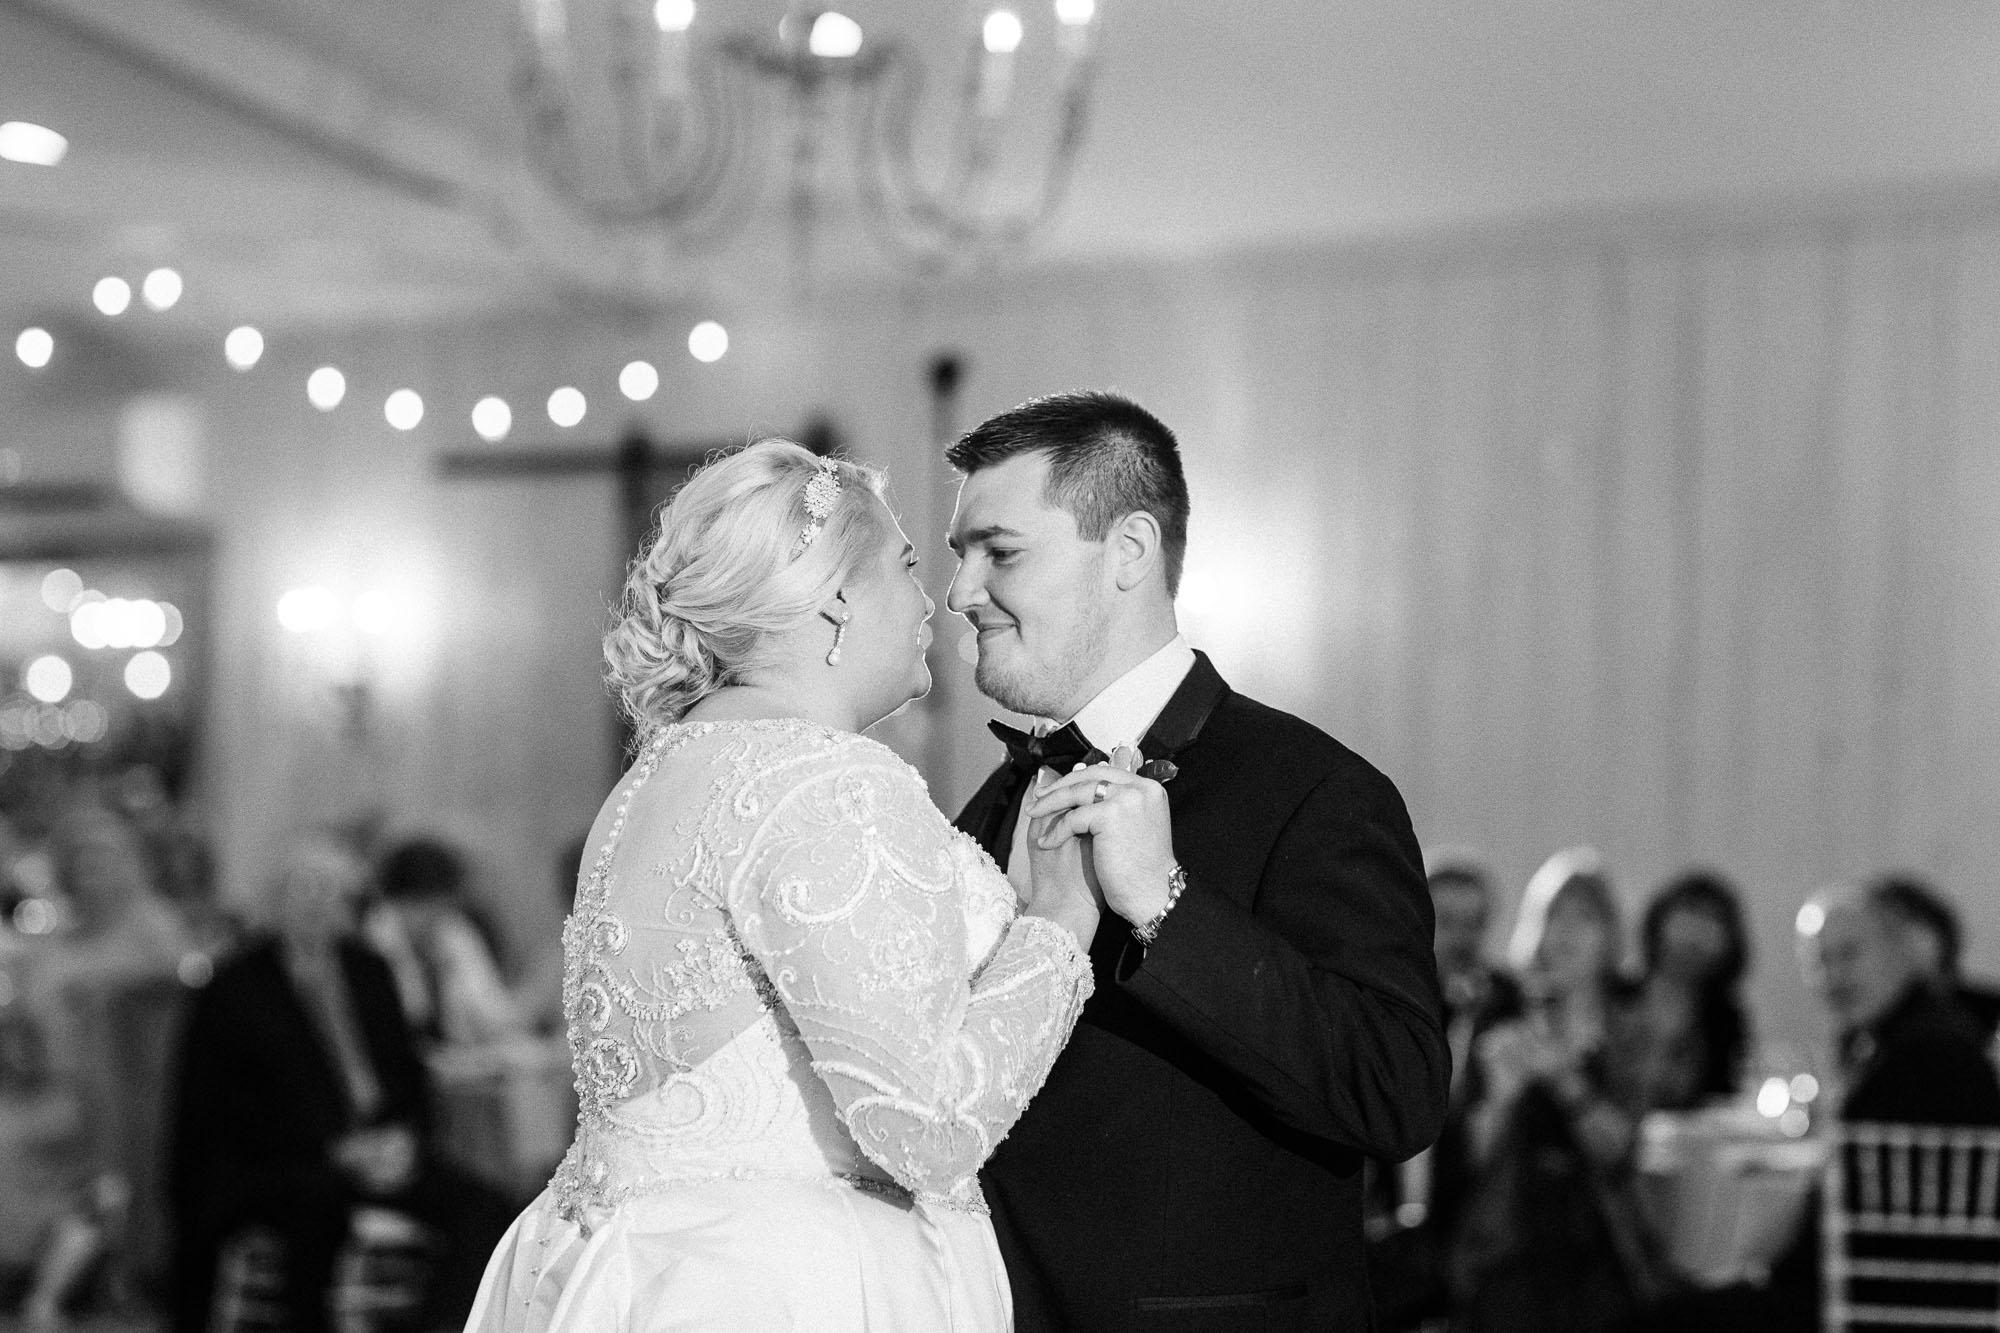 whitewoods-october-wedding-sk-8228.jpg